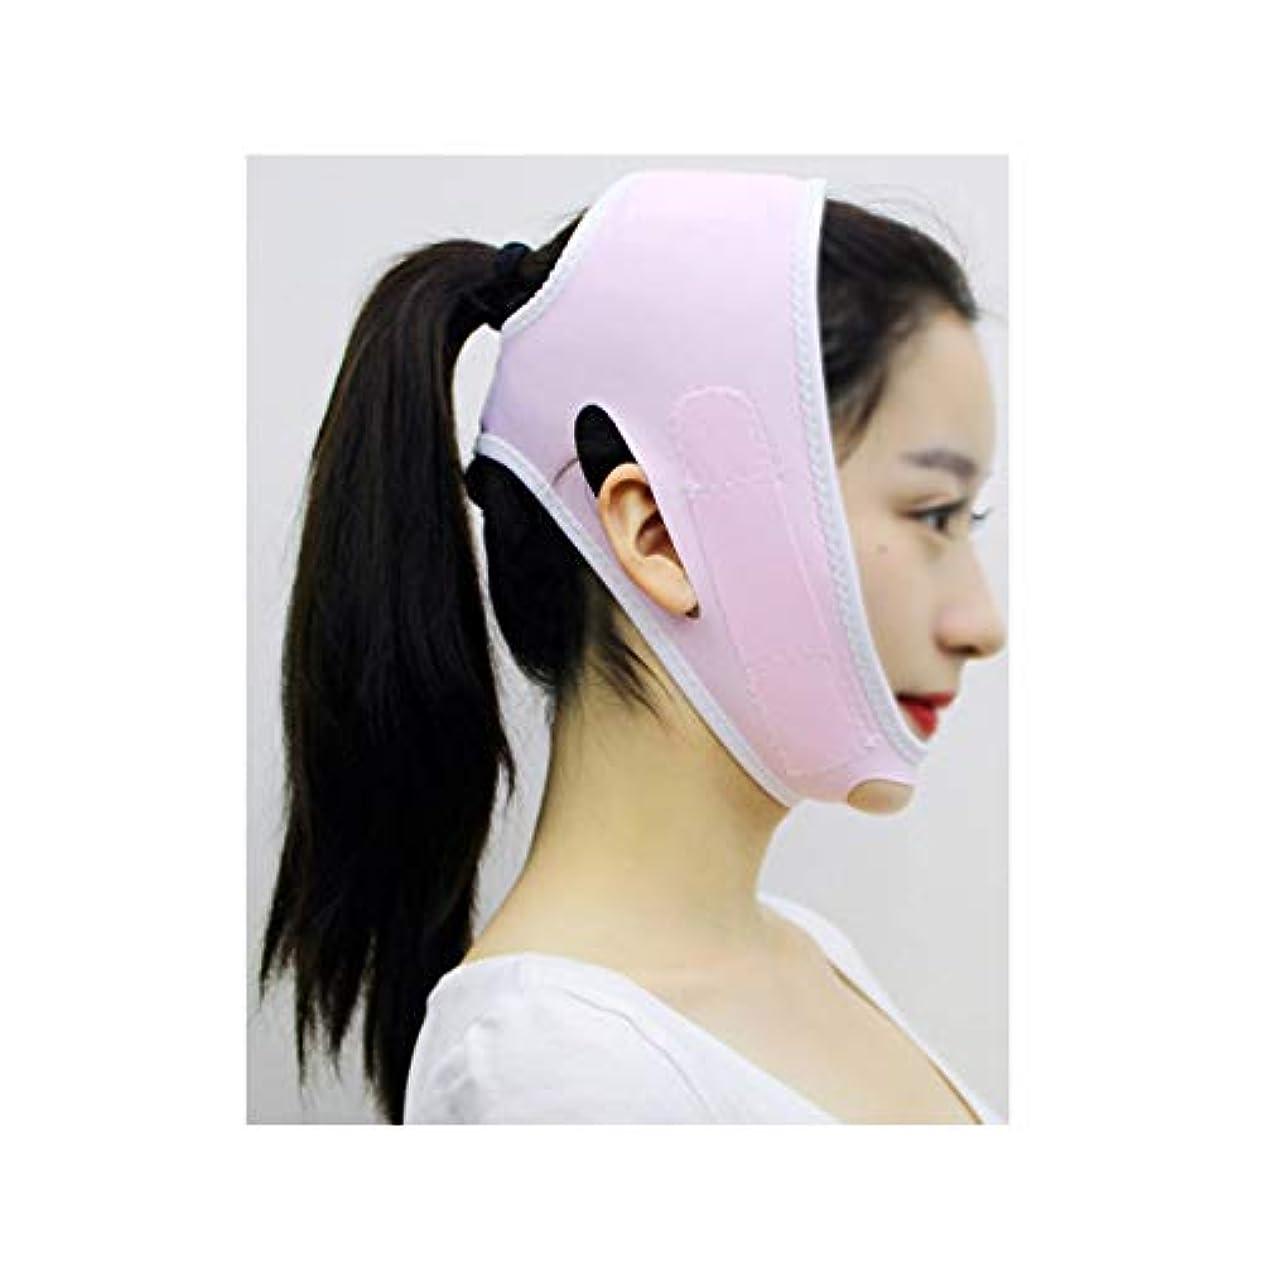 説教路地和TLMY フェイシャルリフティングマスクあごストラップ修復包帯ヘッドバンドマスクフェイスリフティングスモールVフェイスアーティファクト型美容弾性フェイシャル&ネックリフティング 顔用整形マスク (Color : Pink)